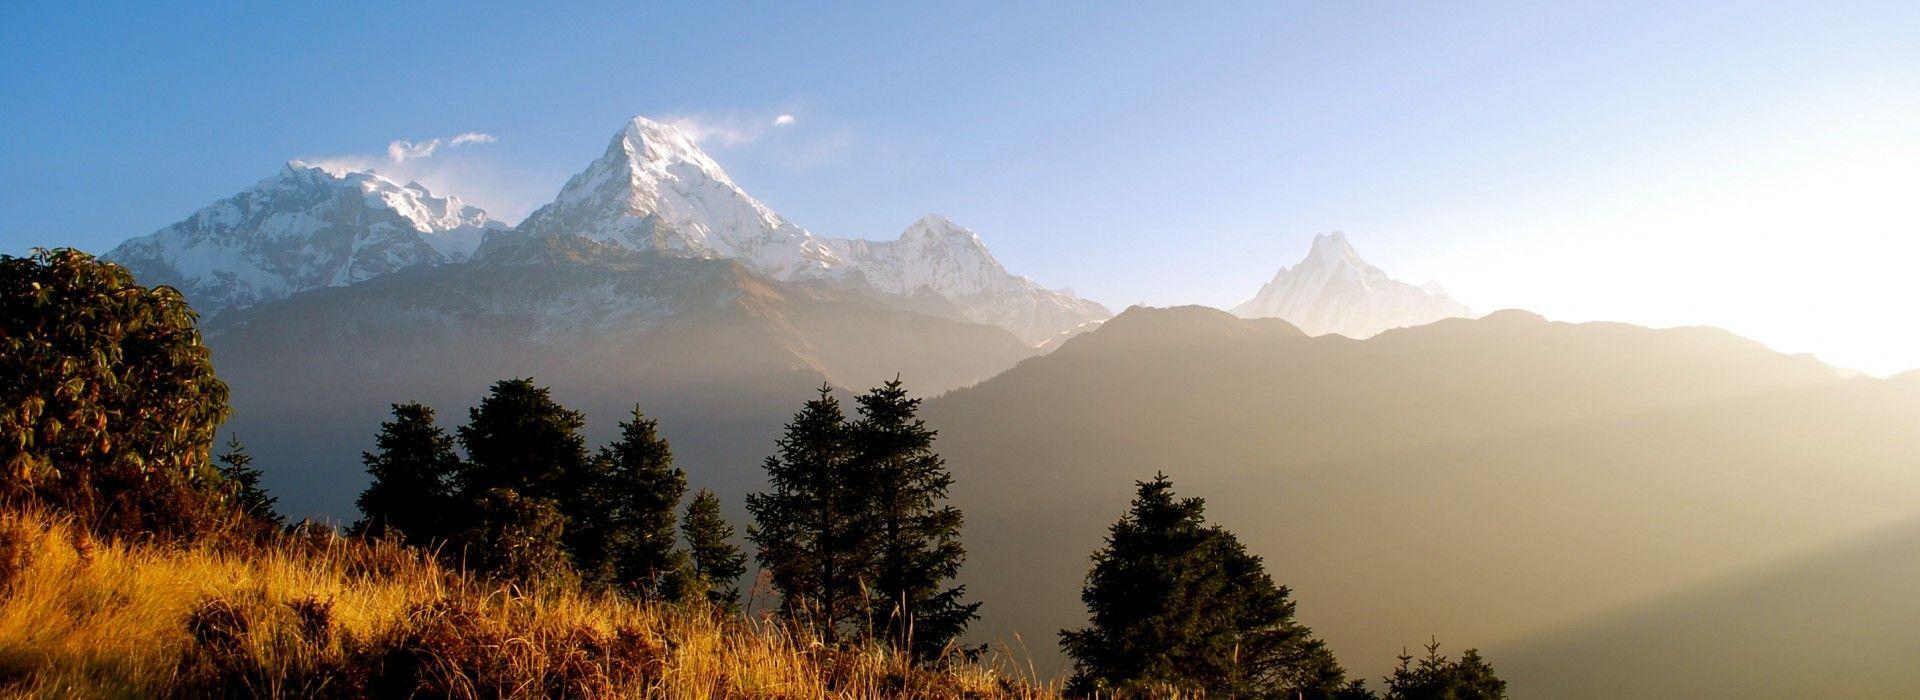 Natural landmarks sightseeing Tours in Kathmandu